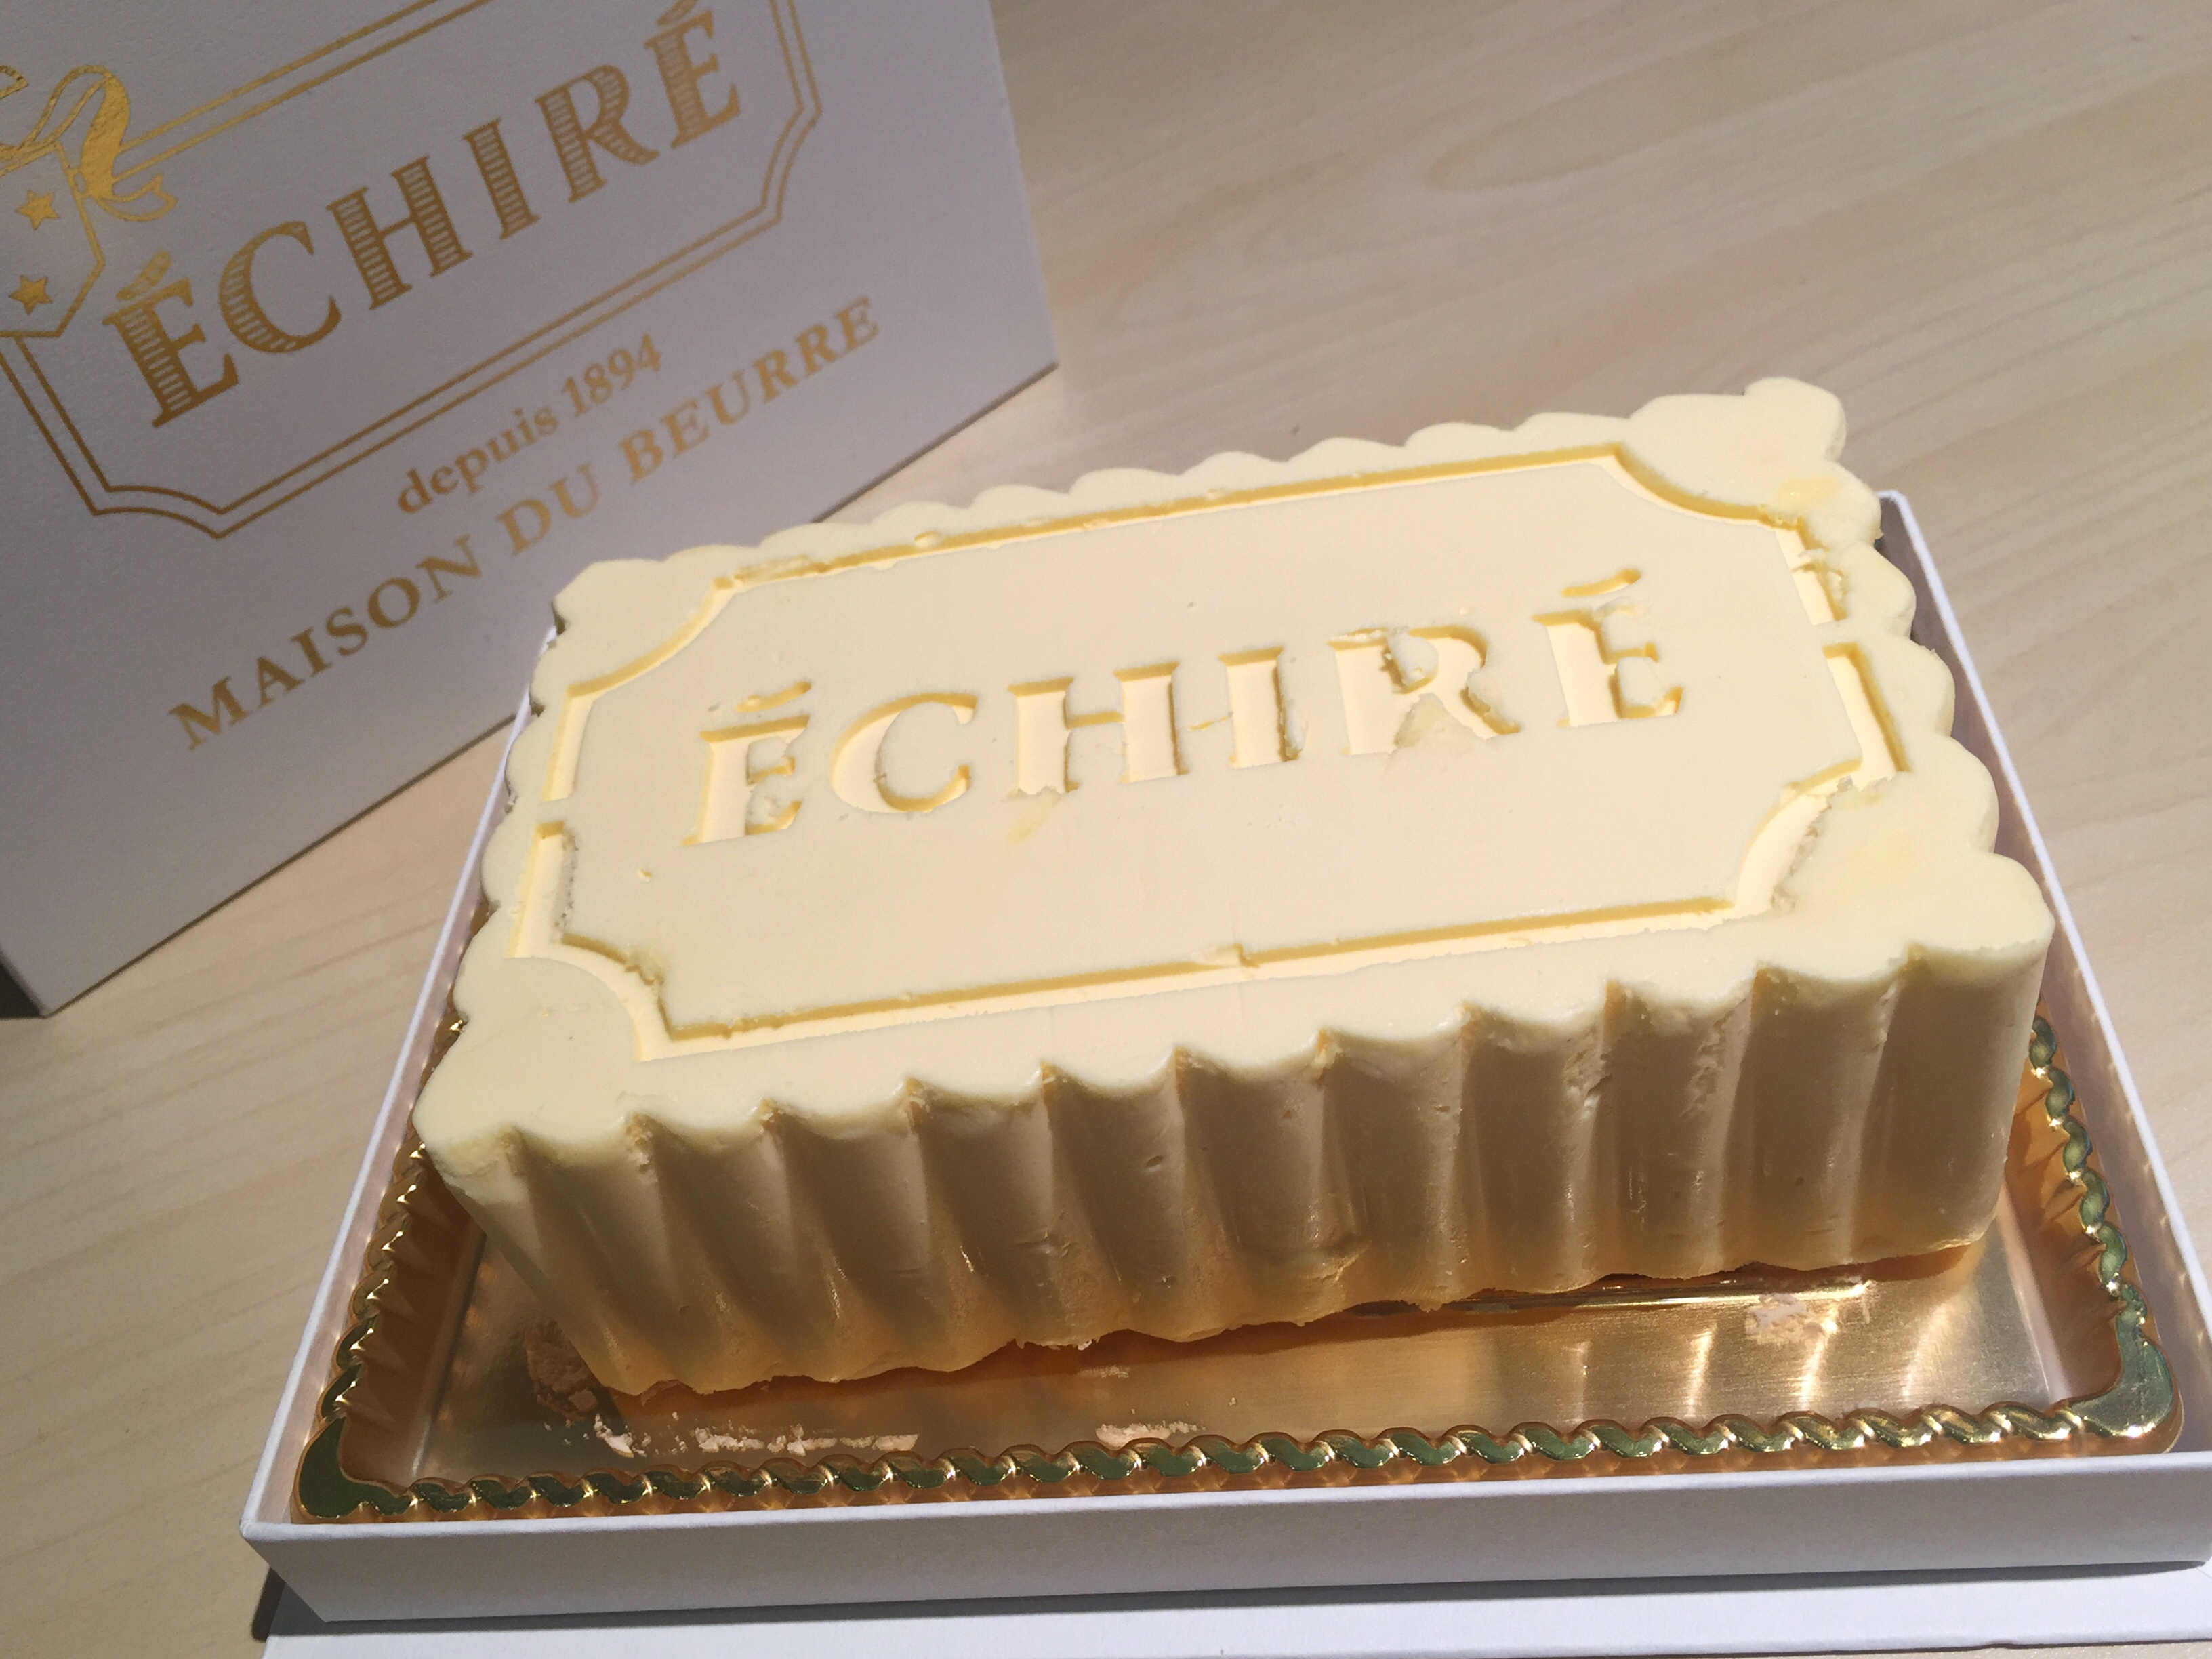 開店前に売り切れ?!超高級バター、エシレの限定ケーキを食べてみた!